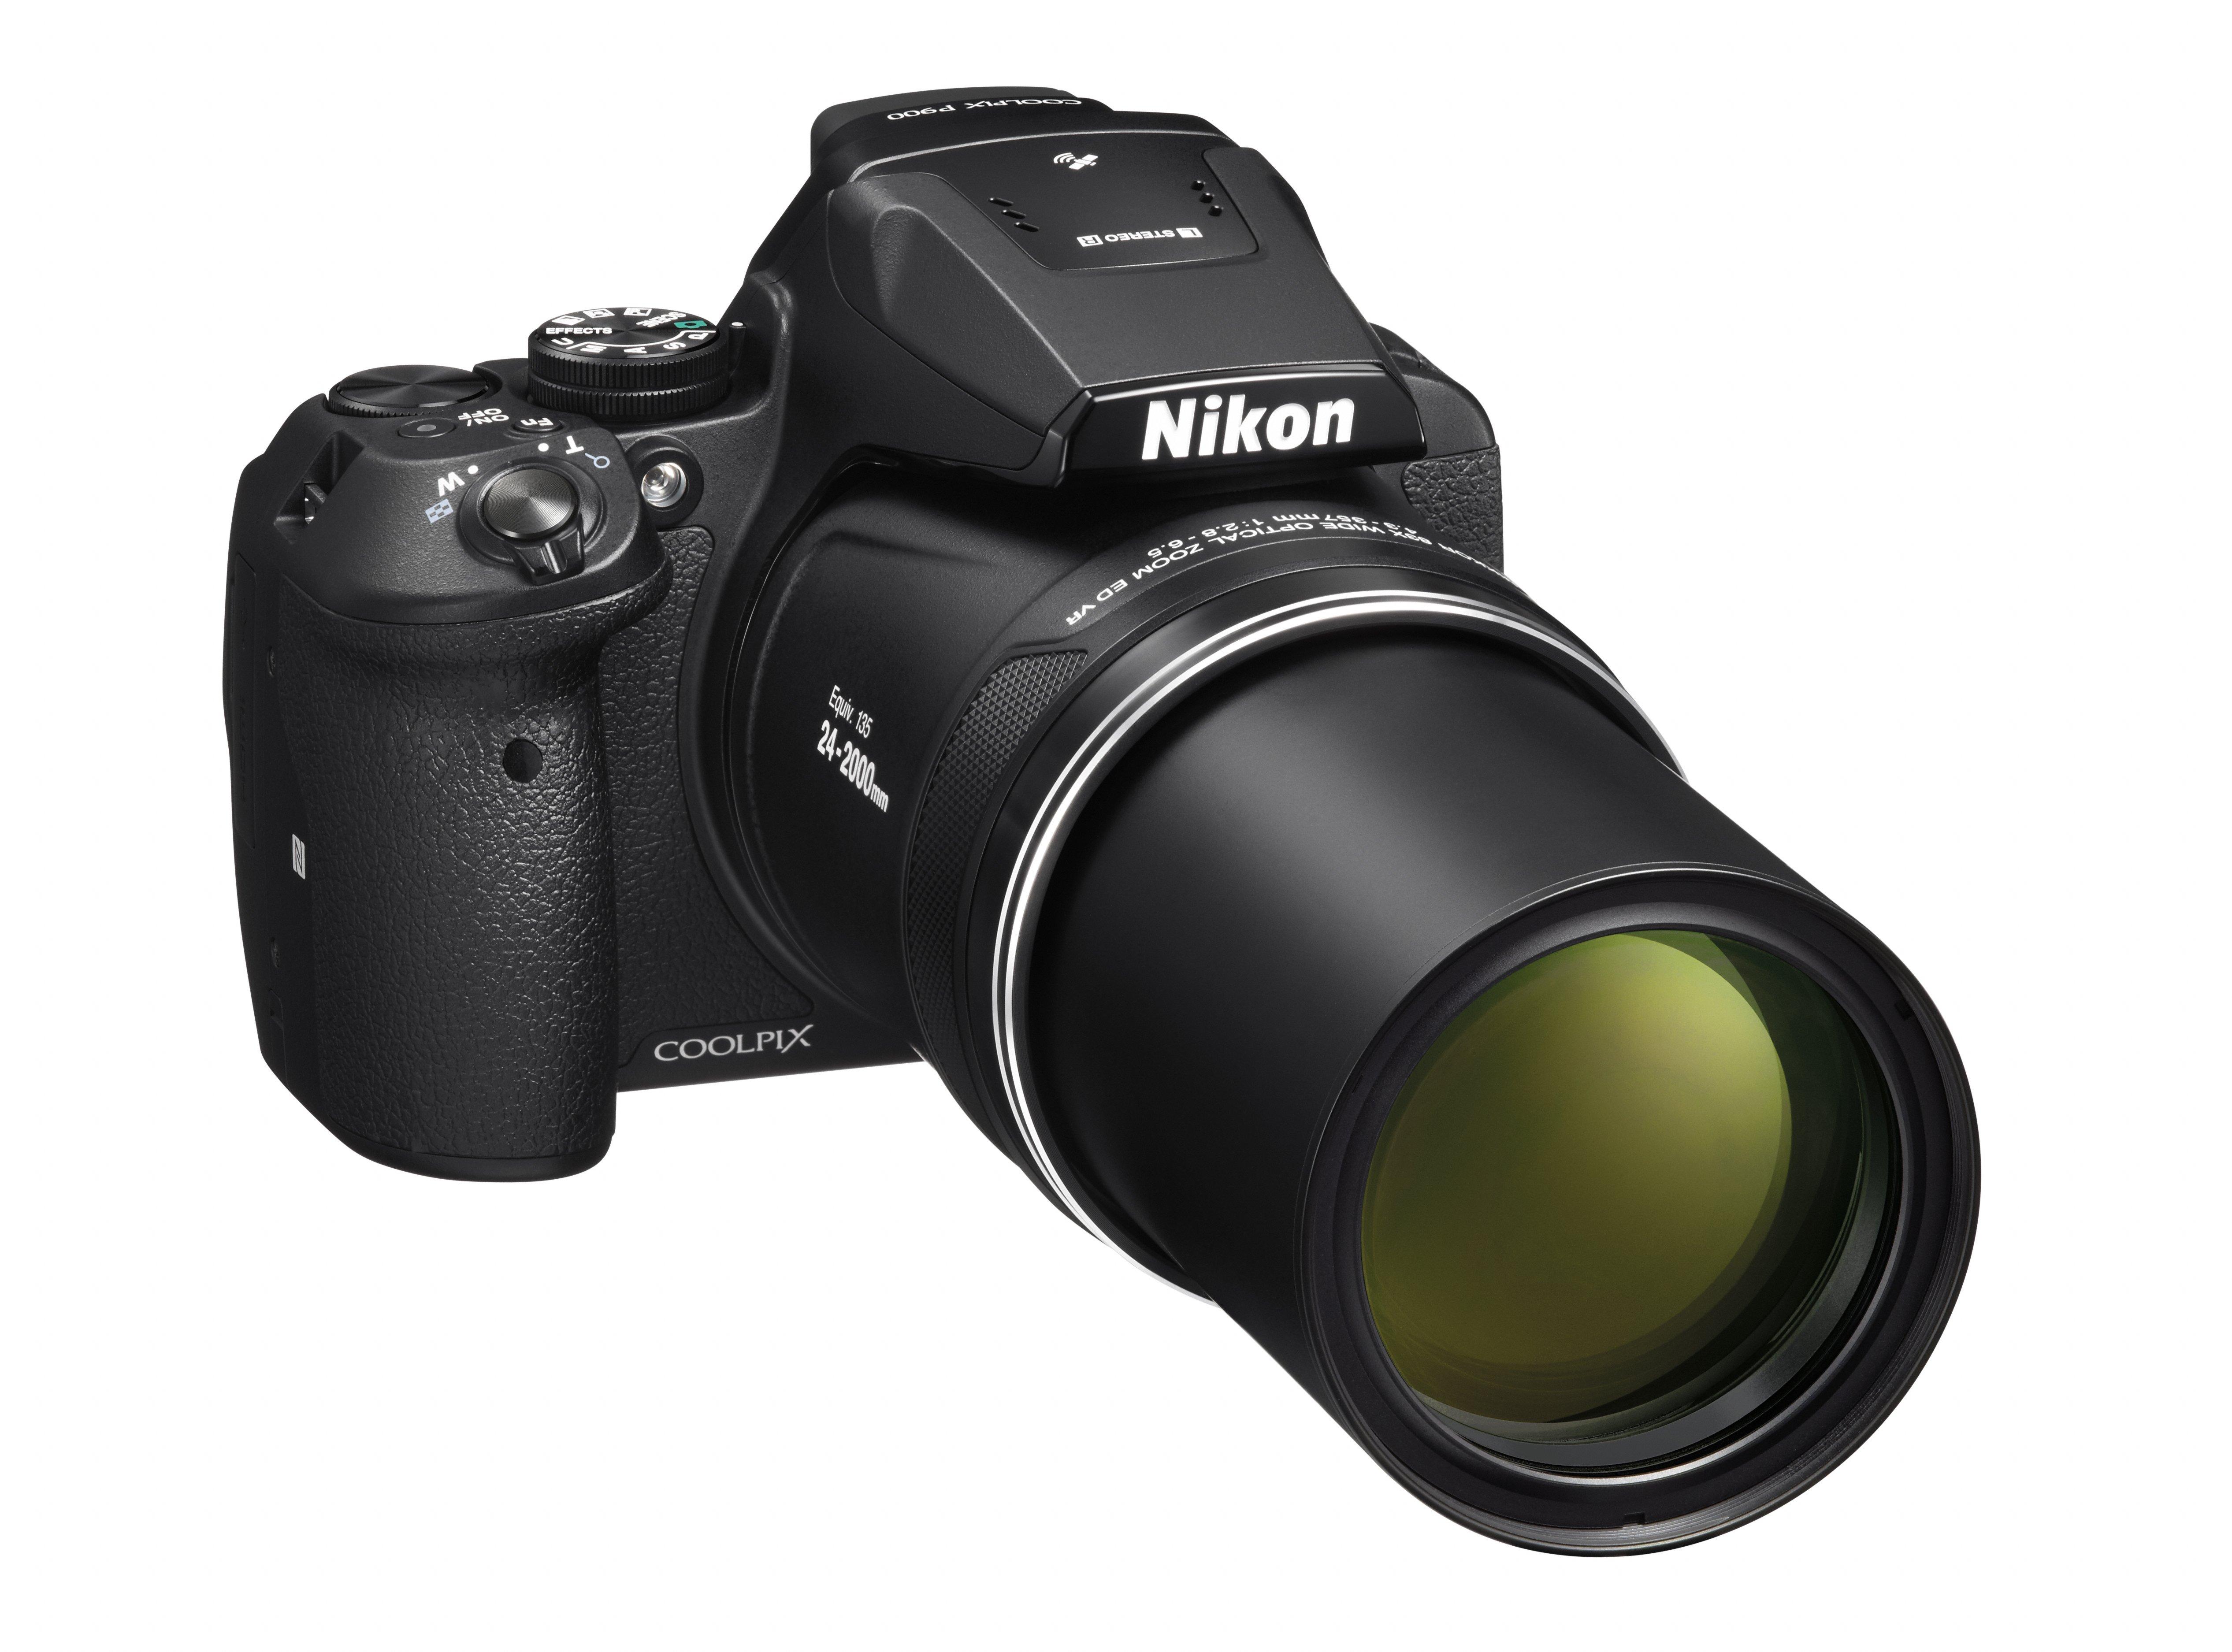 Nikon Coolpix P900 nabídne extrémní optický zoom 83x